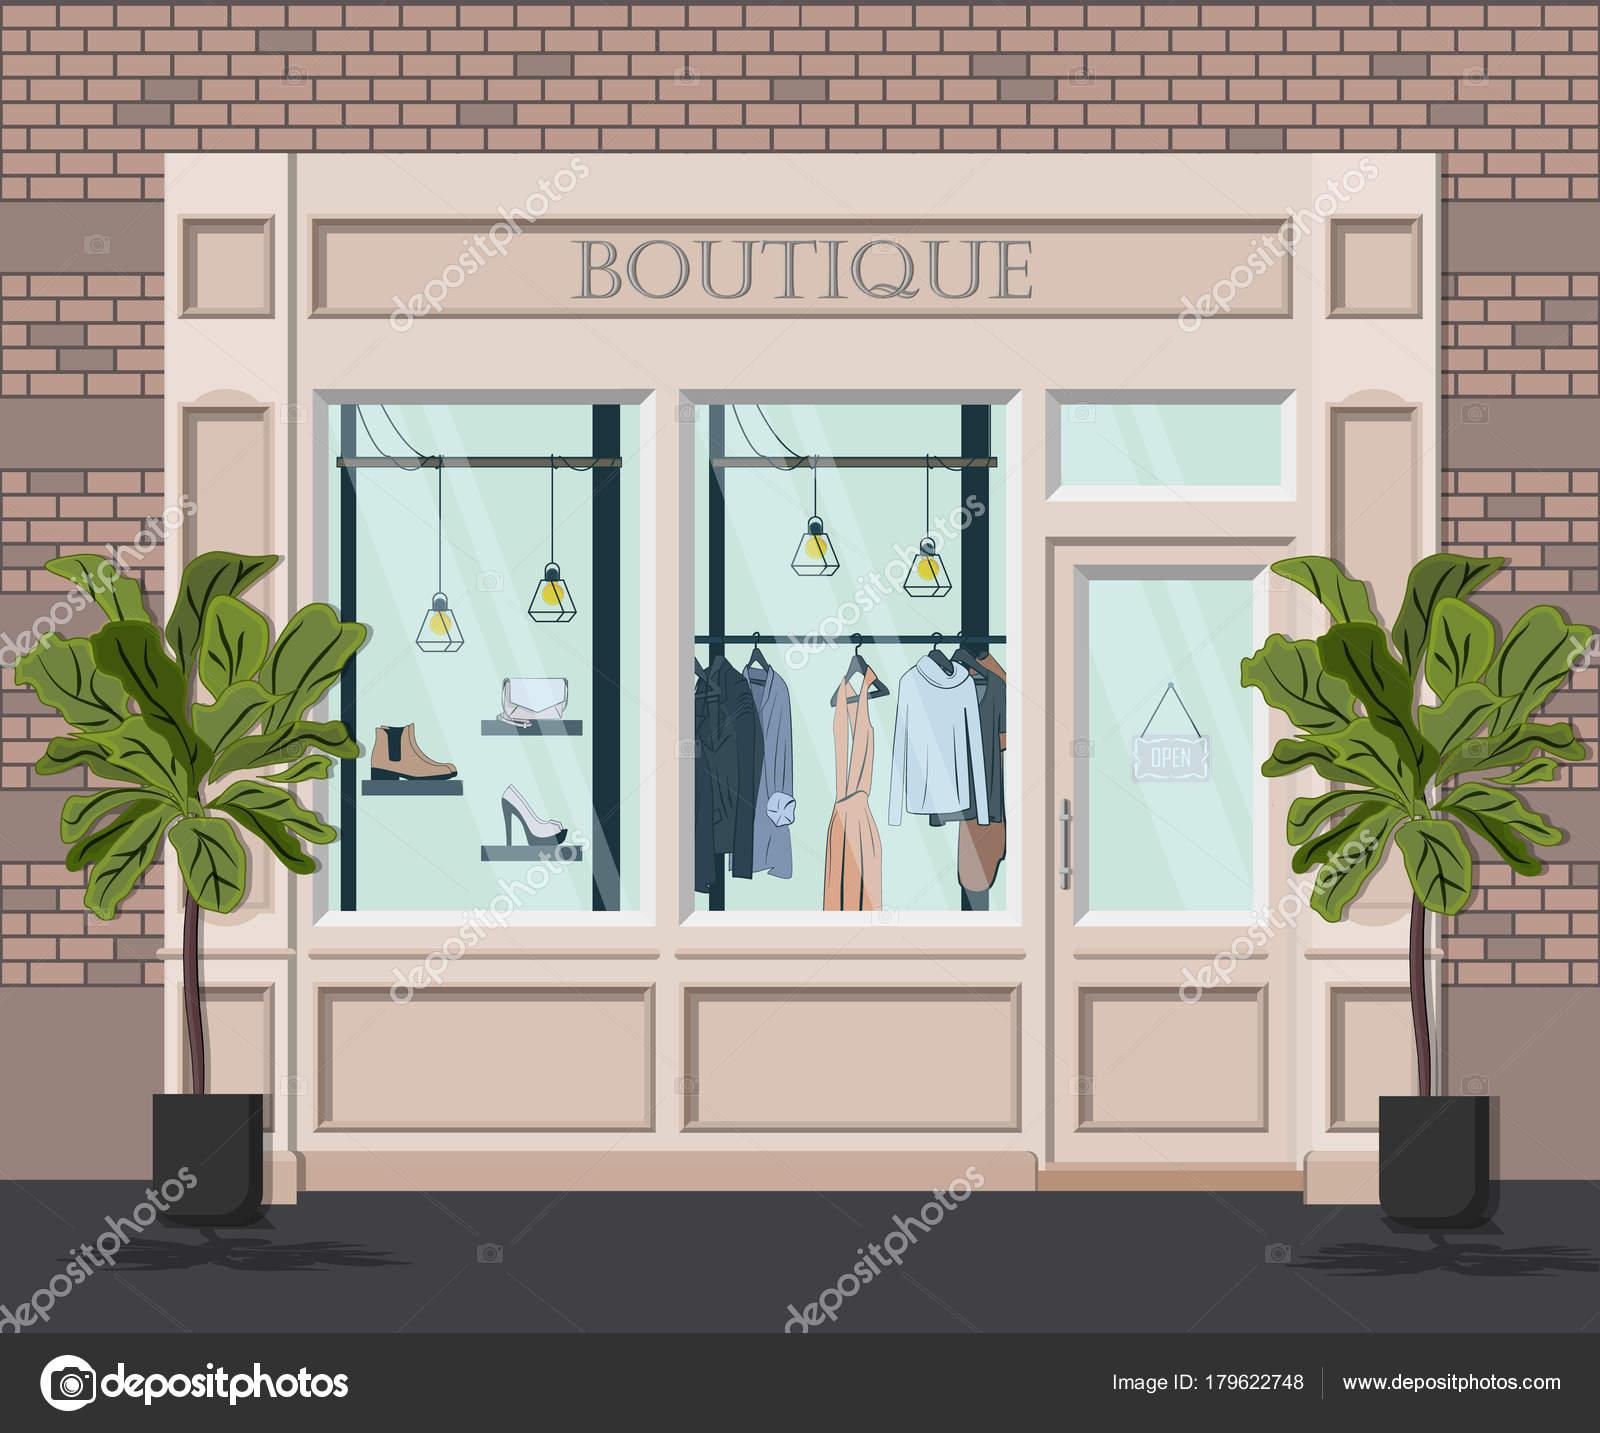 boutique vintage de graphiques vectoriels fa ade illustration d taill e d un magasin de. Black Bedroom Furniture Sets. Home Design Ideas